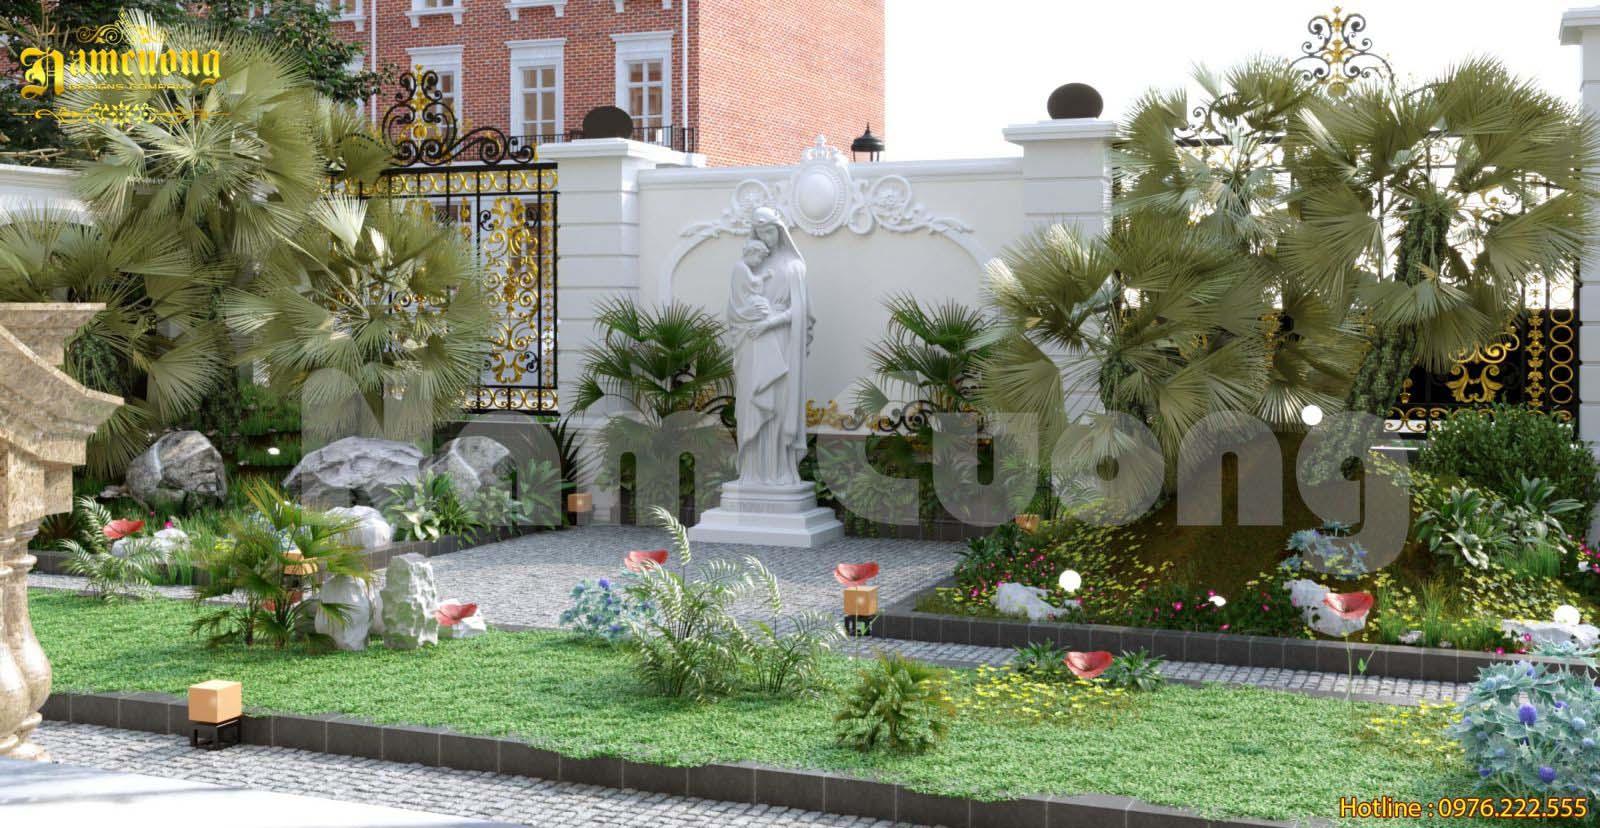 Ý tưởng thiết kế tiểu cảnh sân vườn hoàn hảo cho không gian biệt thự